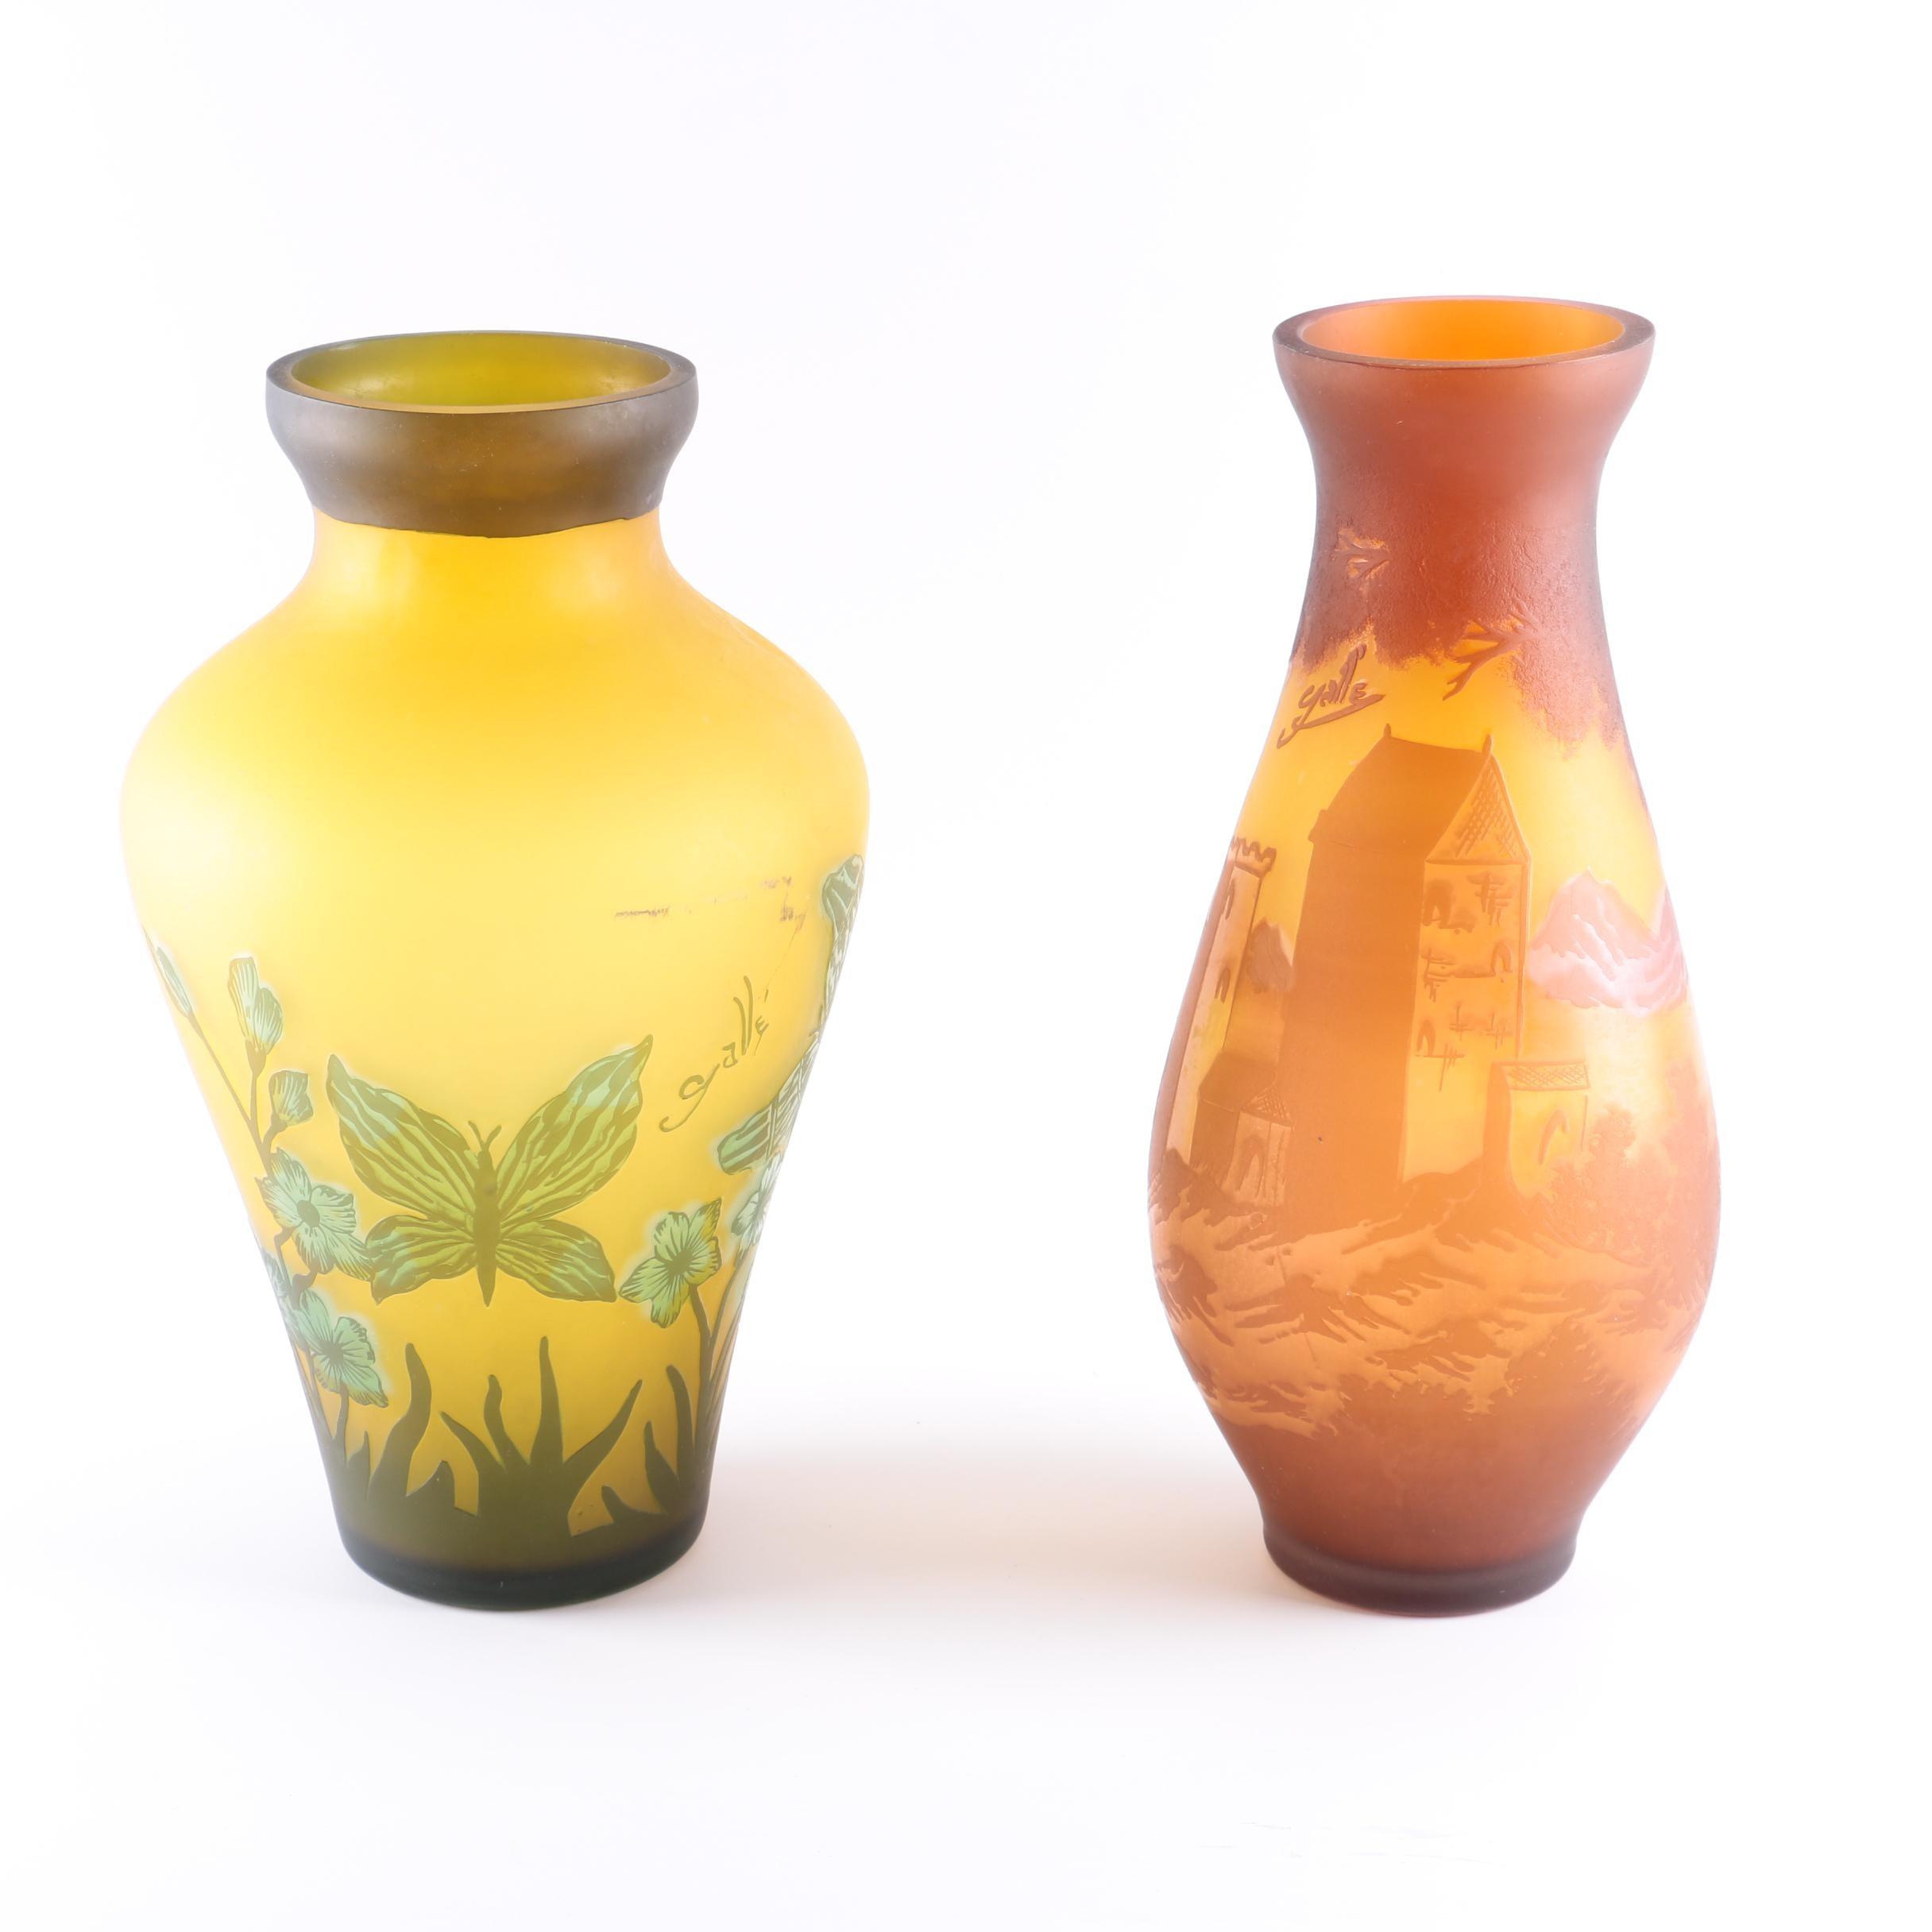 Reproduction Émile Gallé Art Nouveau Style Glass Vases